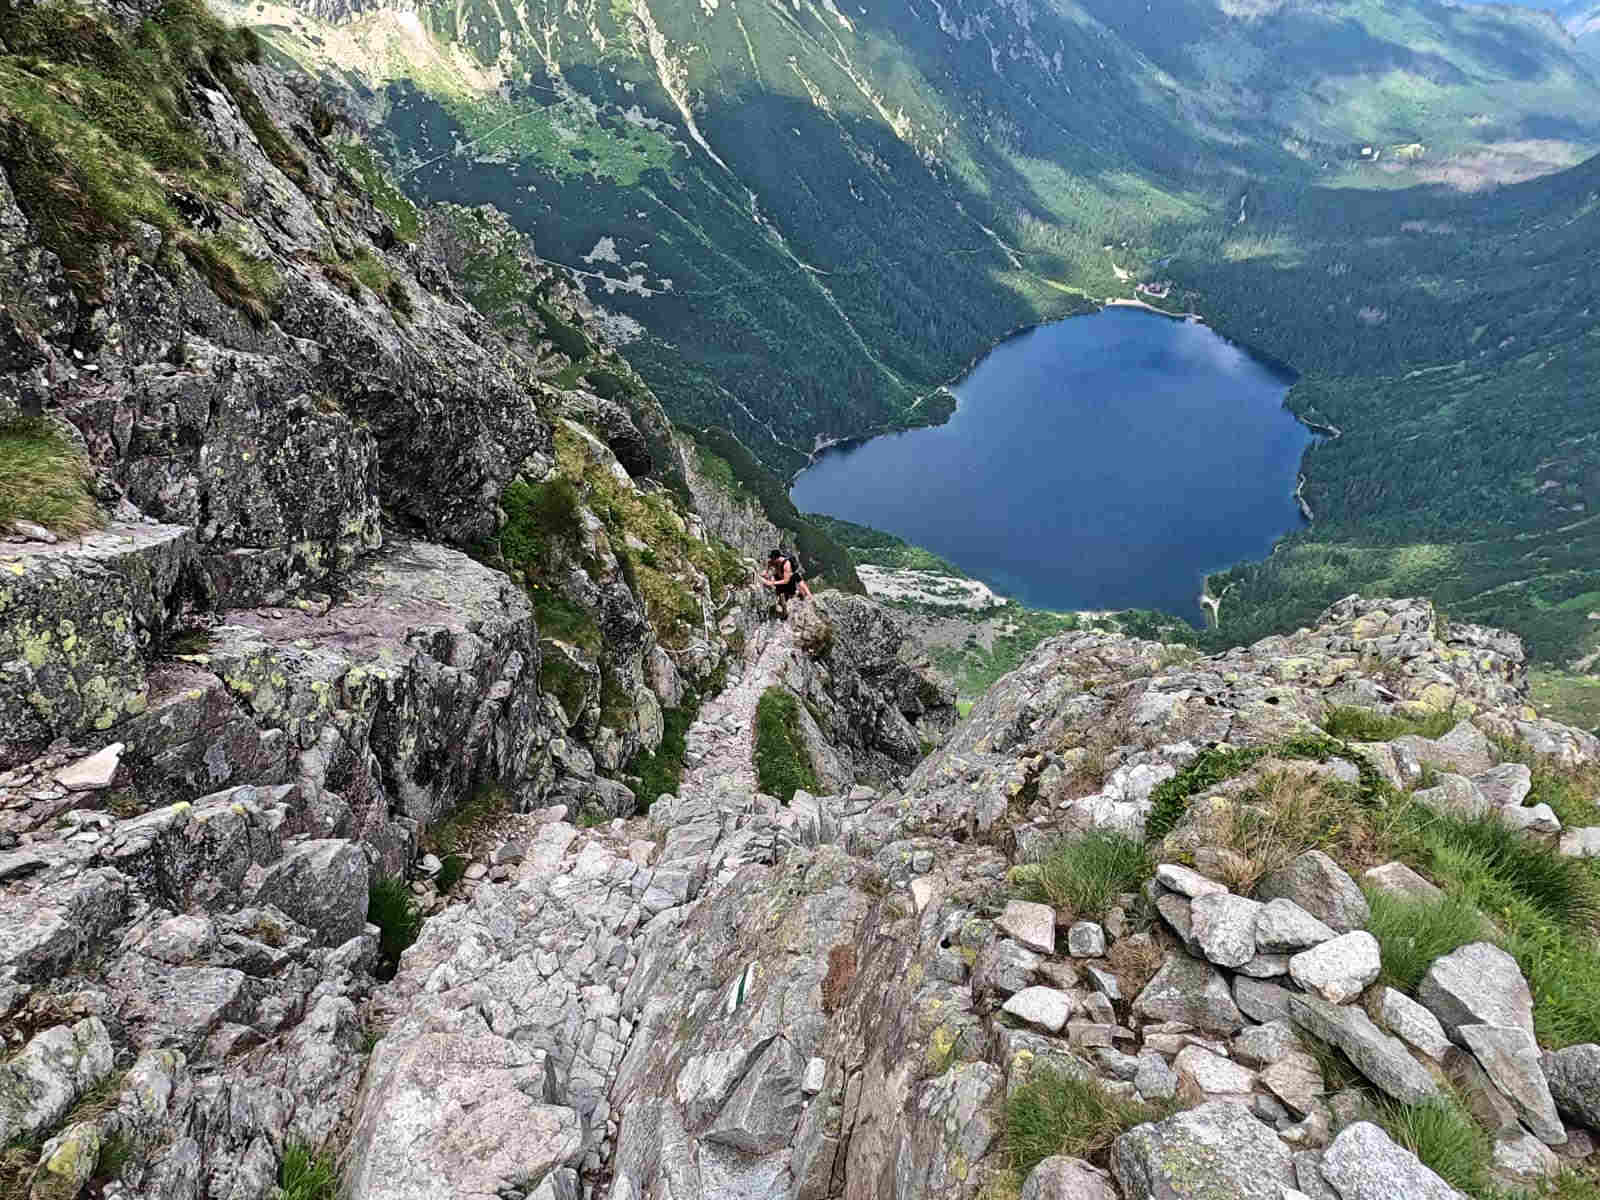 Szlak na Przełęcz pod Chłopkiem, łańcuchy